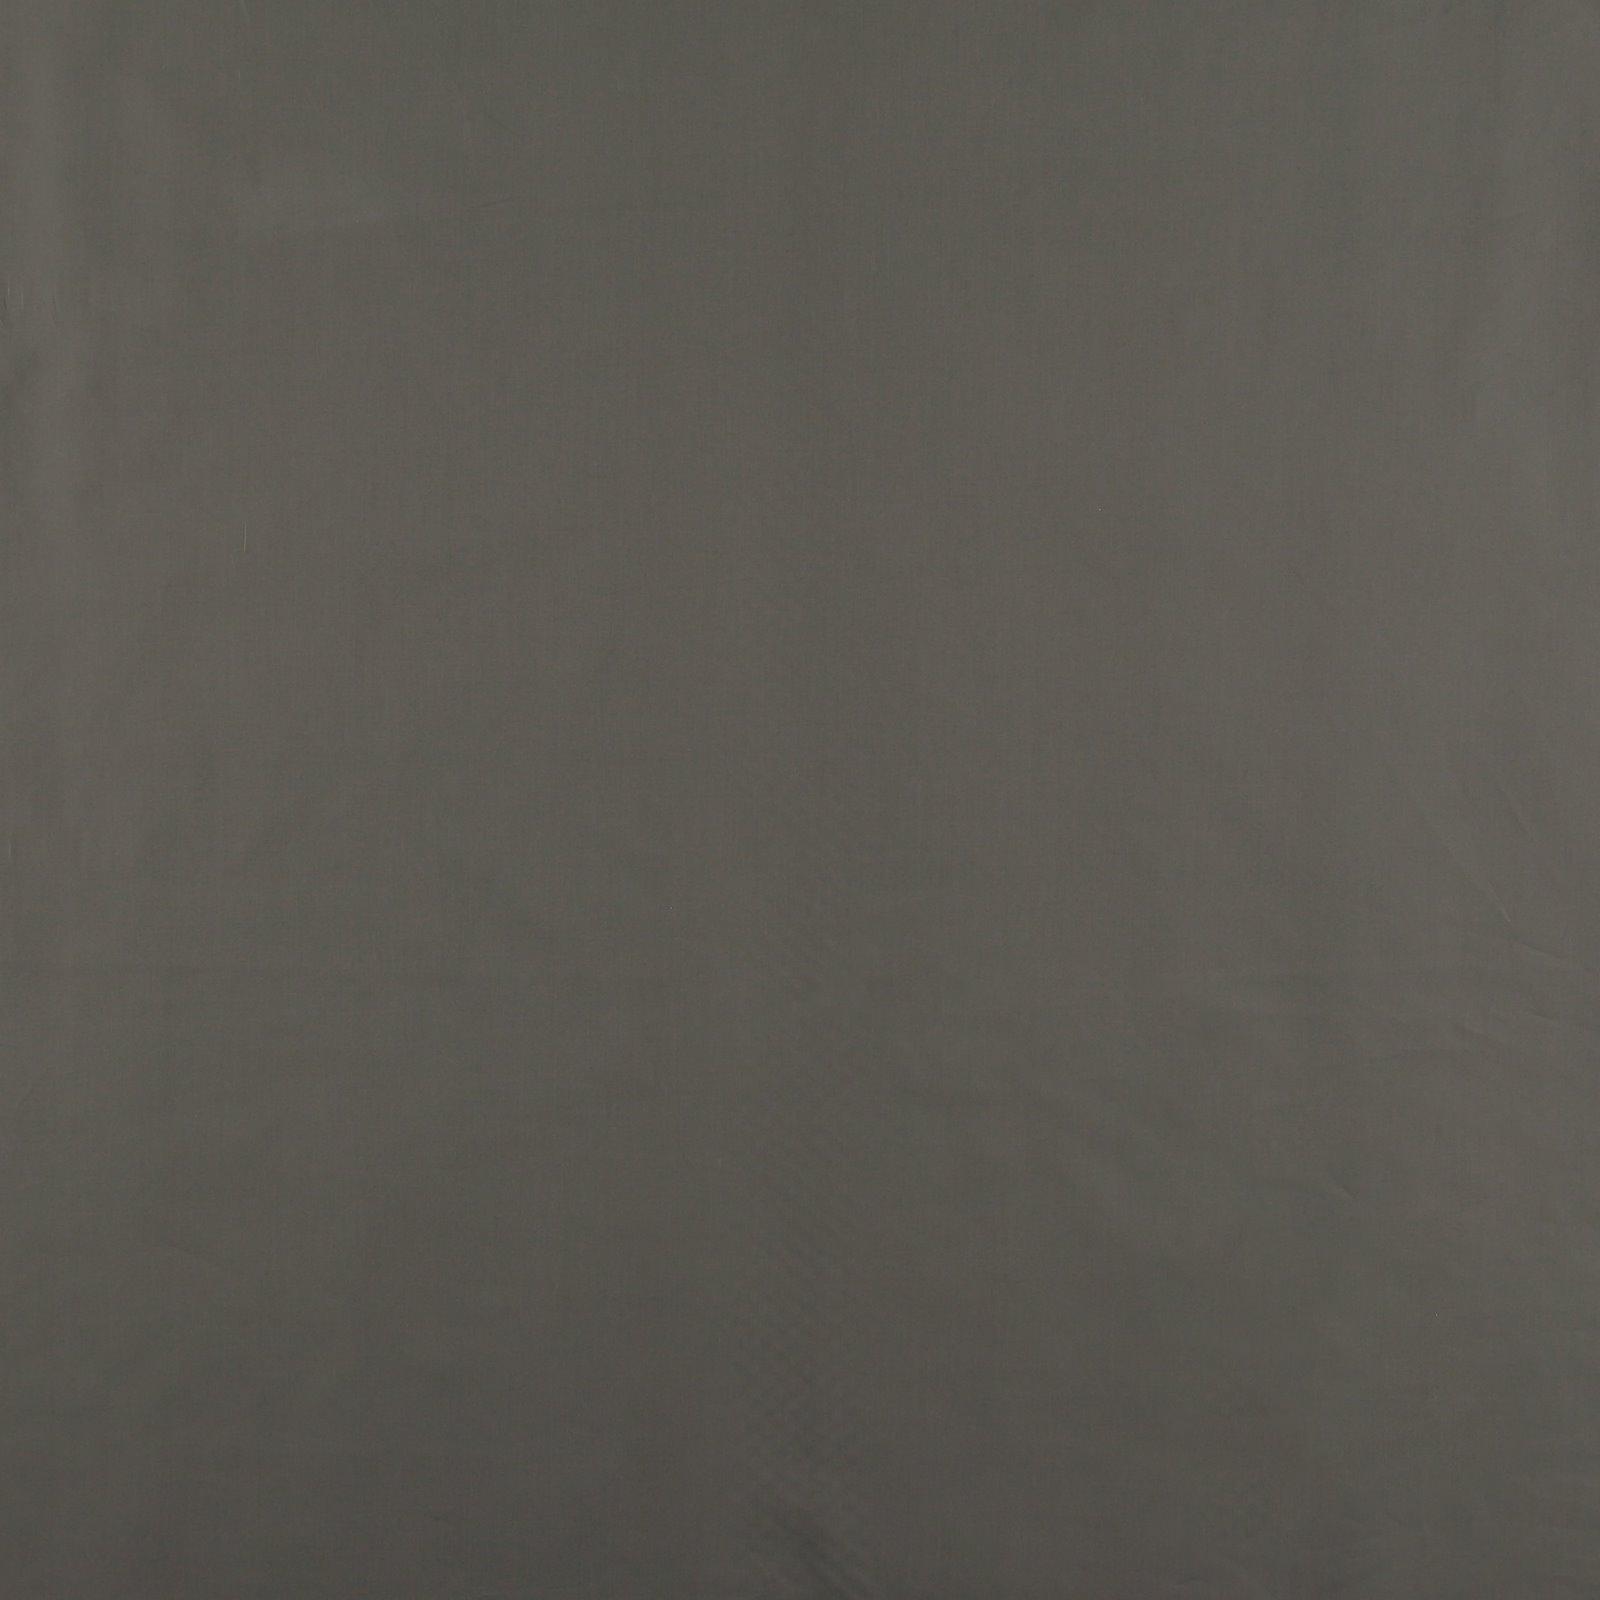 Cotton poplin warm walnut 540121_pack_solid